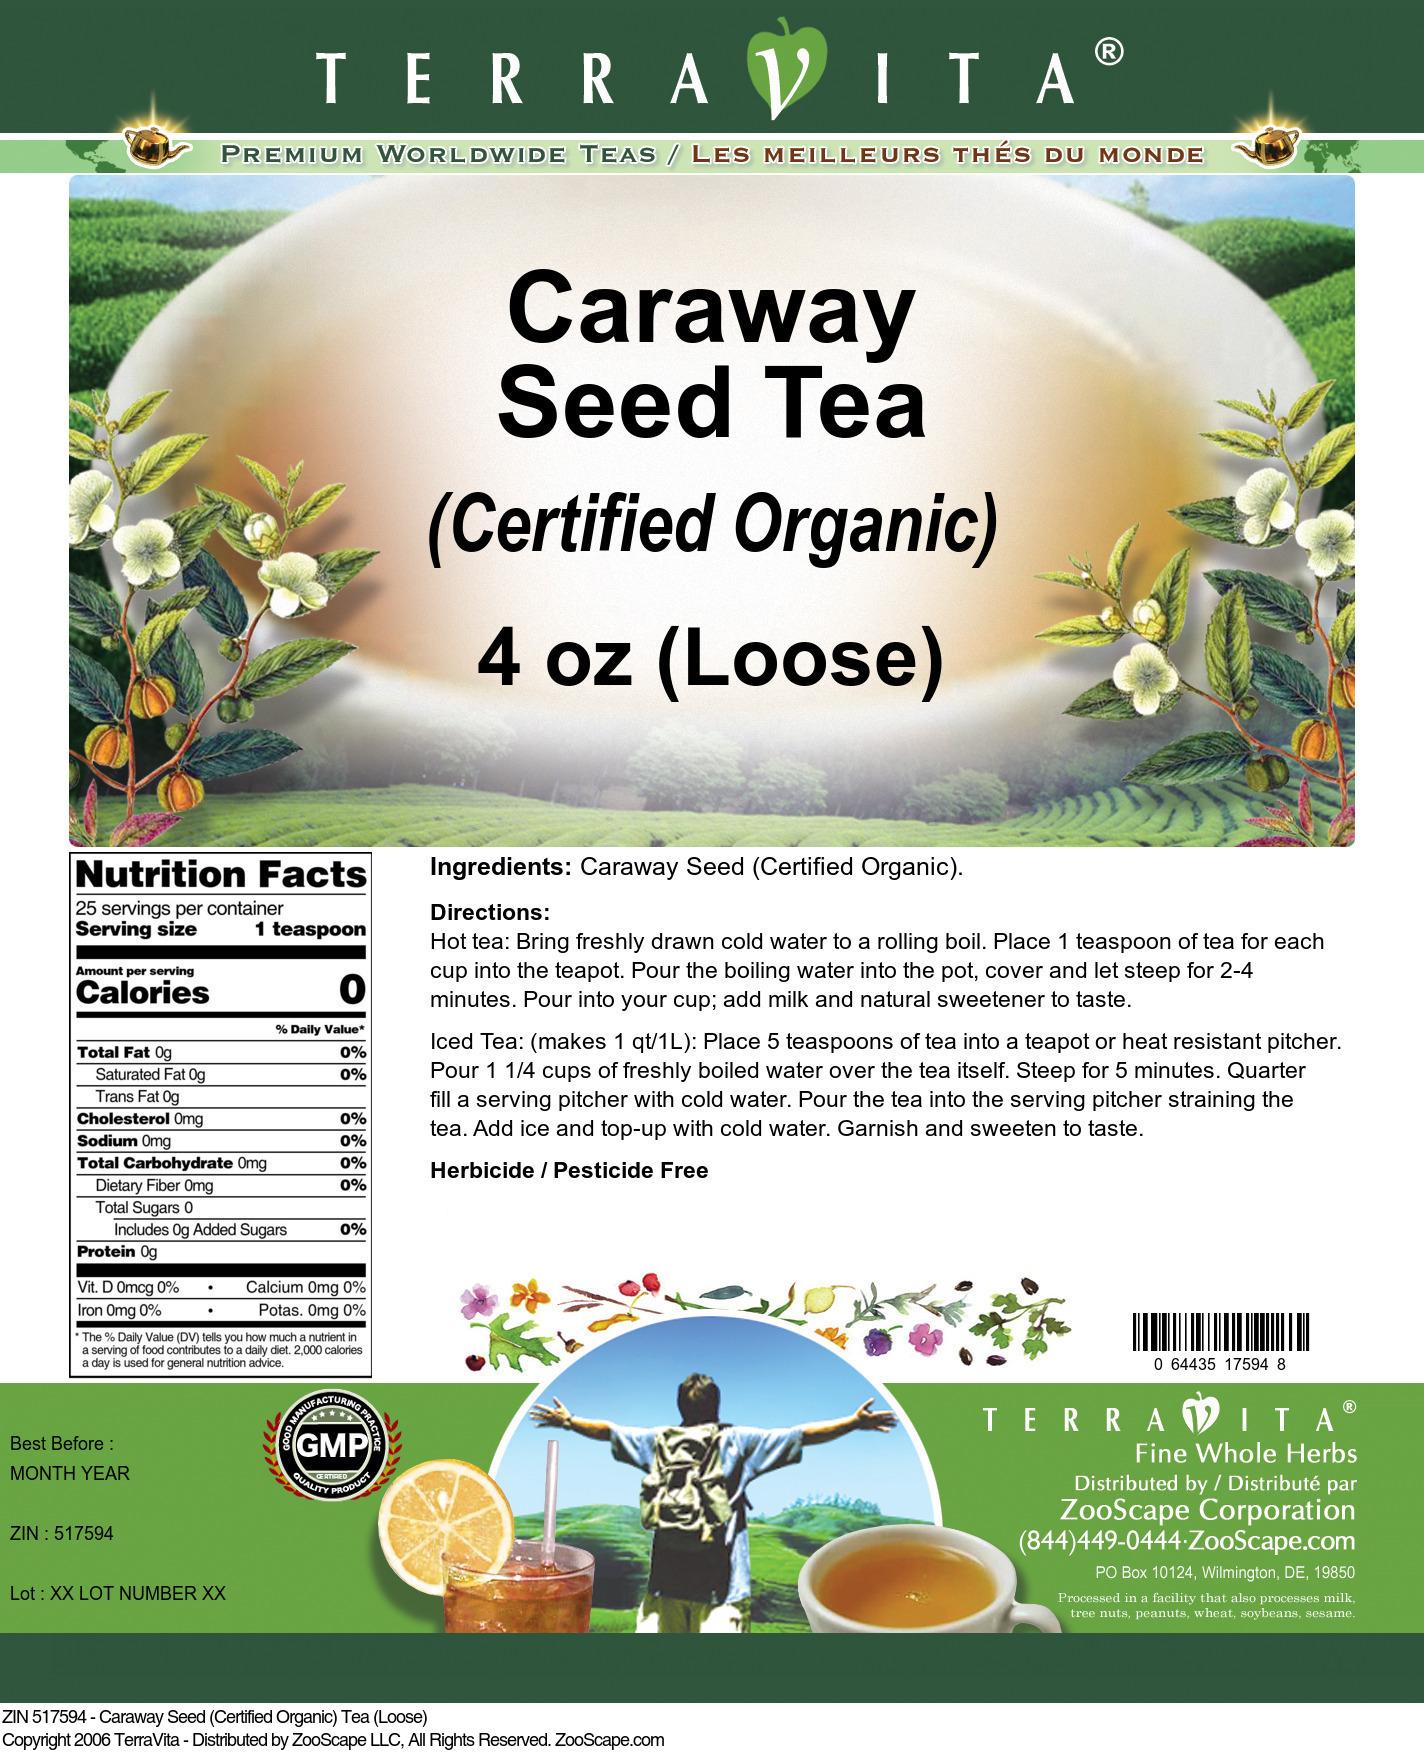 Caraway Seed (Certified Organic) Tea (Loose)